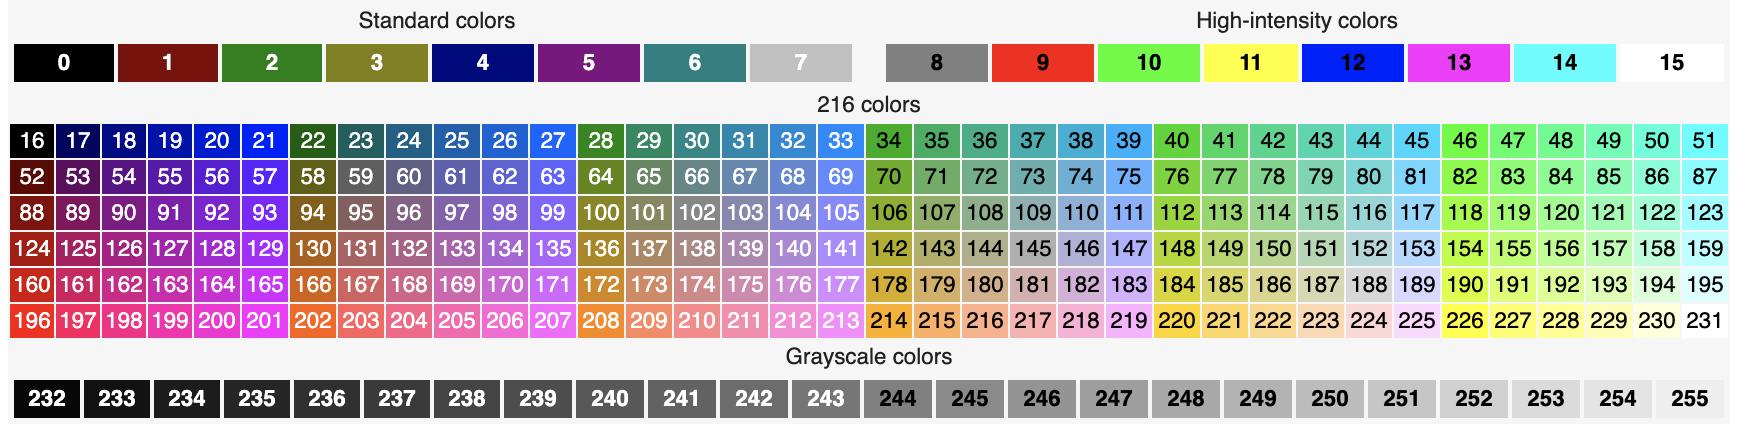 ANSI256 color pallette